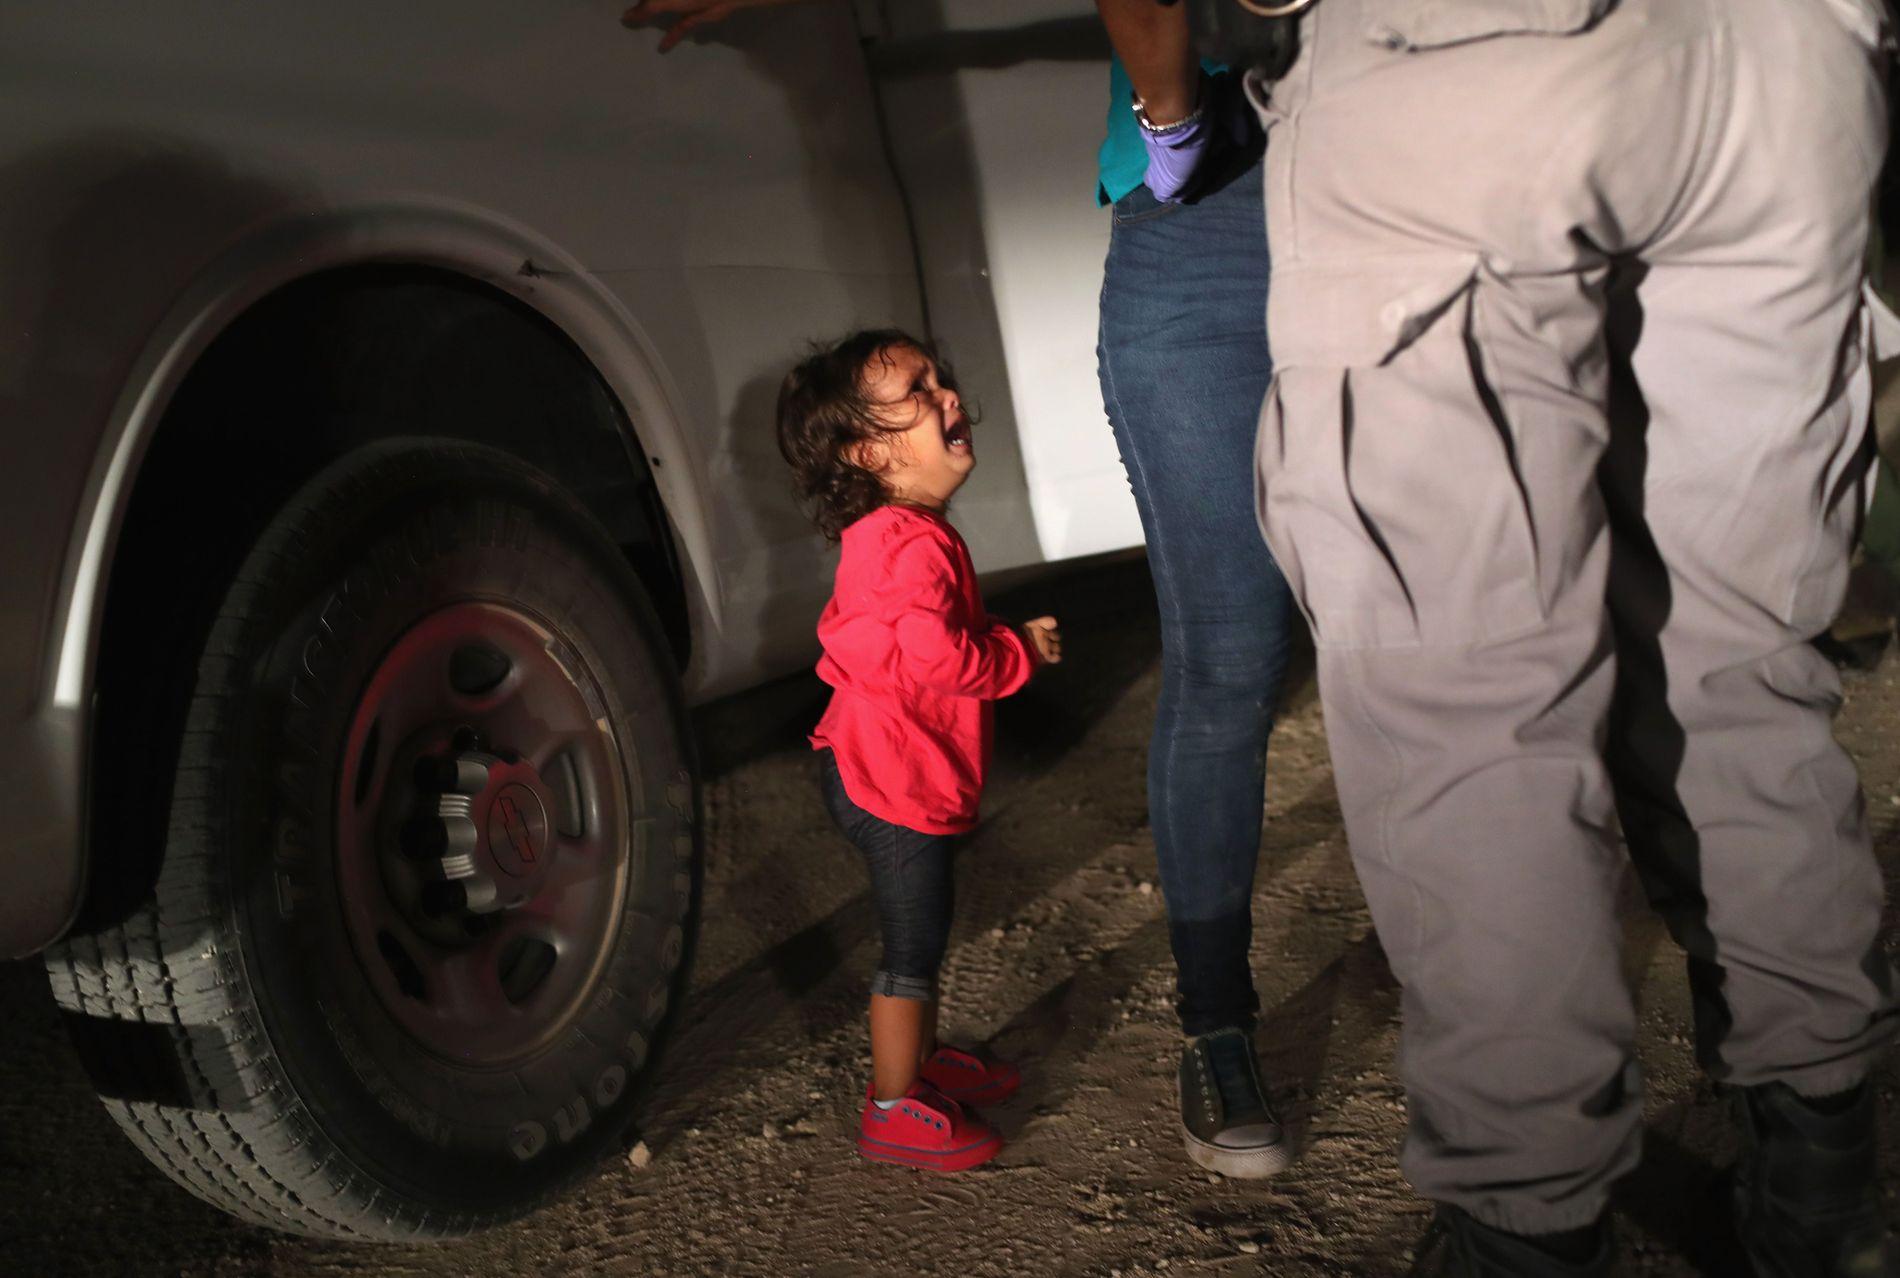 En to år gammel jente fra Honduras bryter ut i gråt idet hennes mor blir ransaket og arrestert ved grensen mellom USA og Mexico 12. juni i år, ifølge billedbyrået Getty. Det vites ikke om jenta ble skilt fra moren, men denne helgen er bildet av henne blitt delt over hele verden.